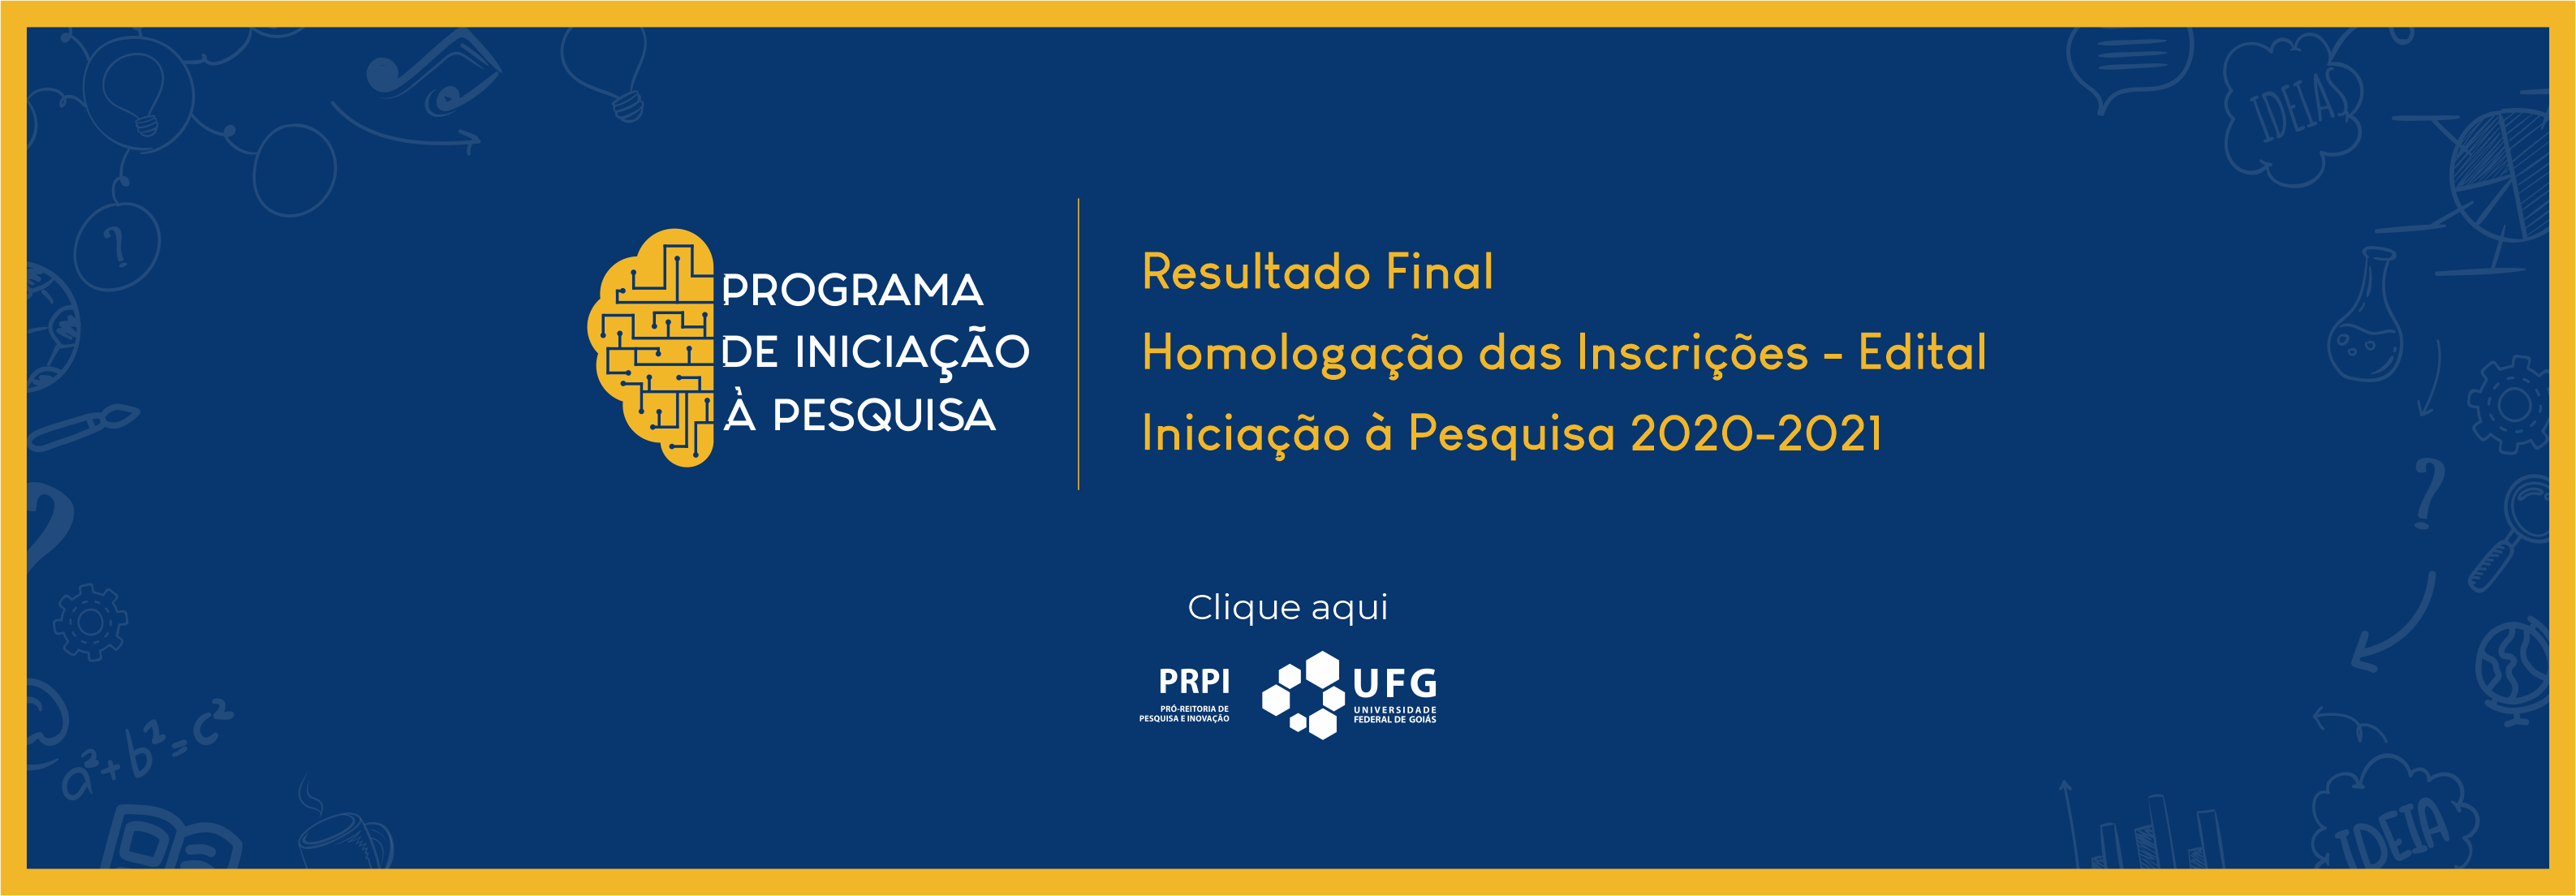 Homologação de Inscrições _ Resultado Final PIP 2020-2021 UFG